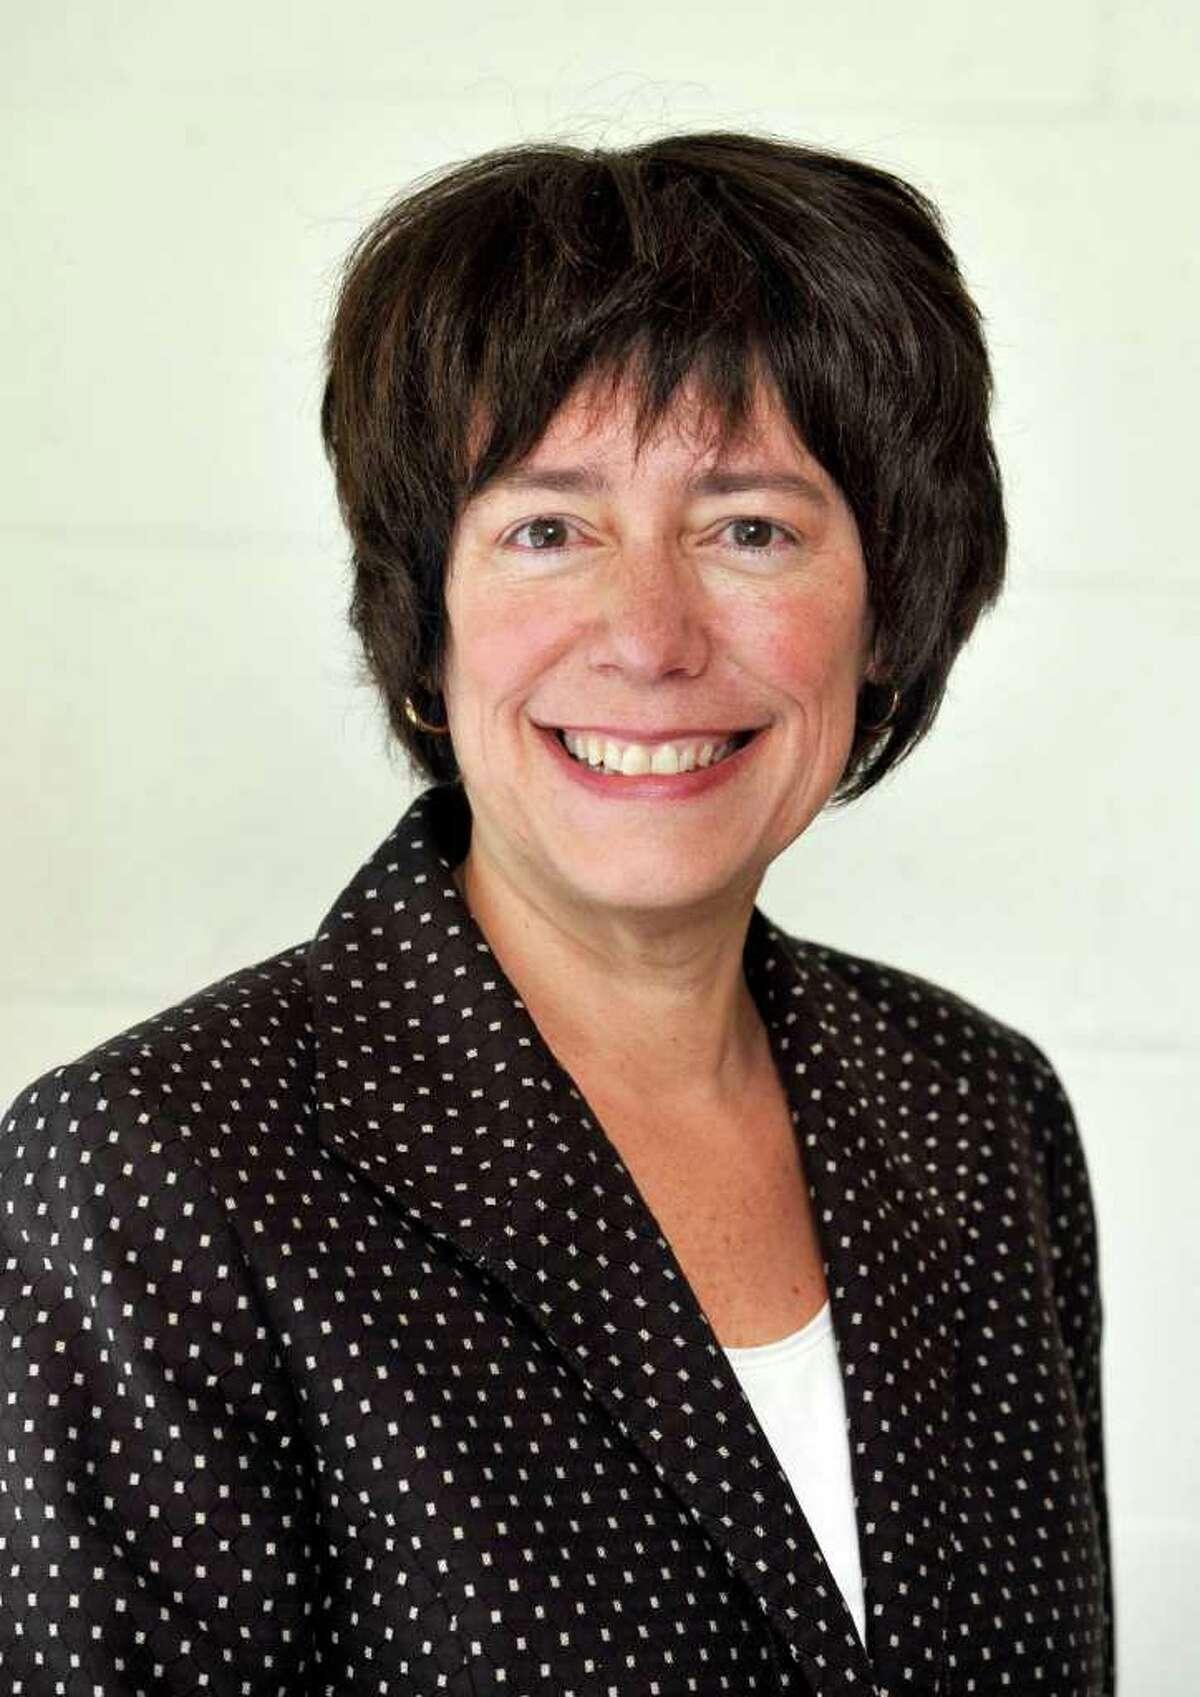 Deborah Low is Ridgefield Superintendent of Schools